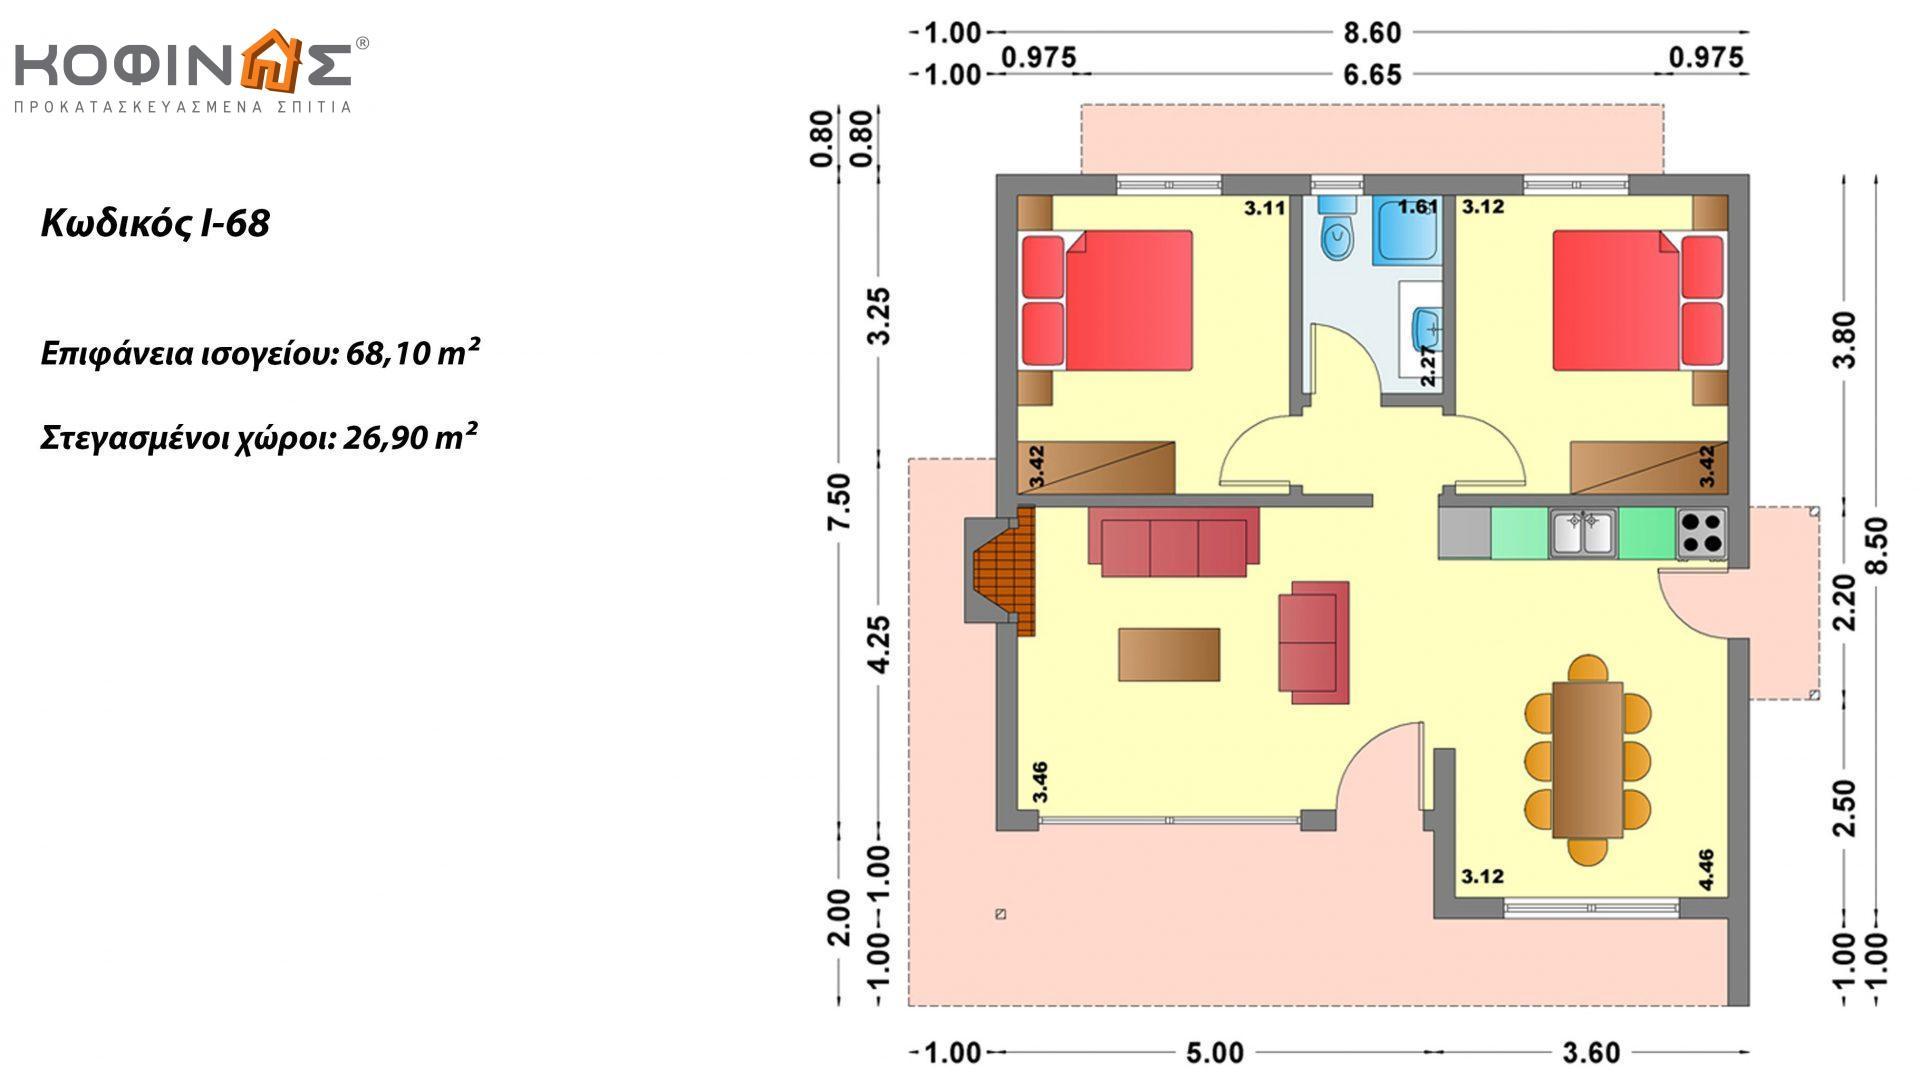 Ισόγεια Κατοικία I-68 συνολικής επιφάνειας 68,10 τ.μ., στεγασμένοι χώροι 26,90 τ.μ